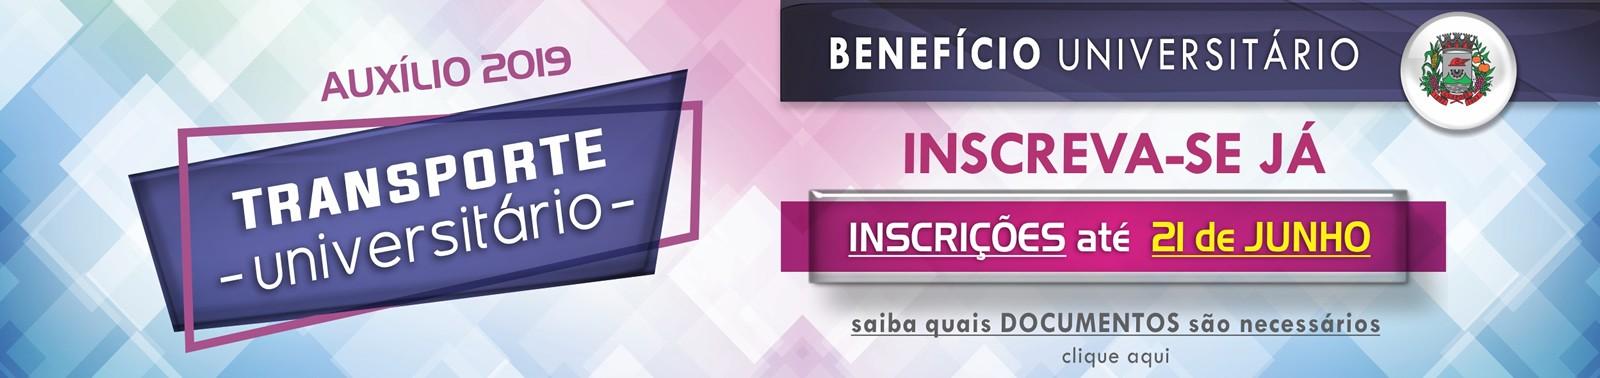 Banner 1 - Benefício Universitário